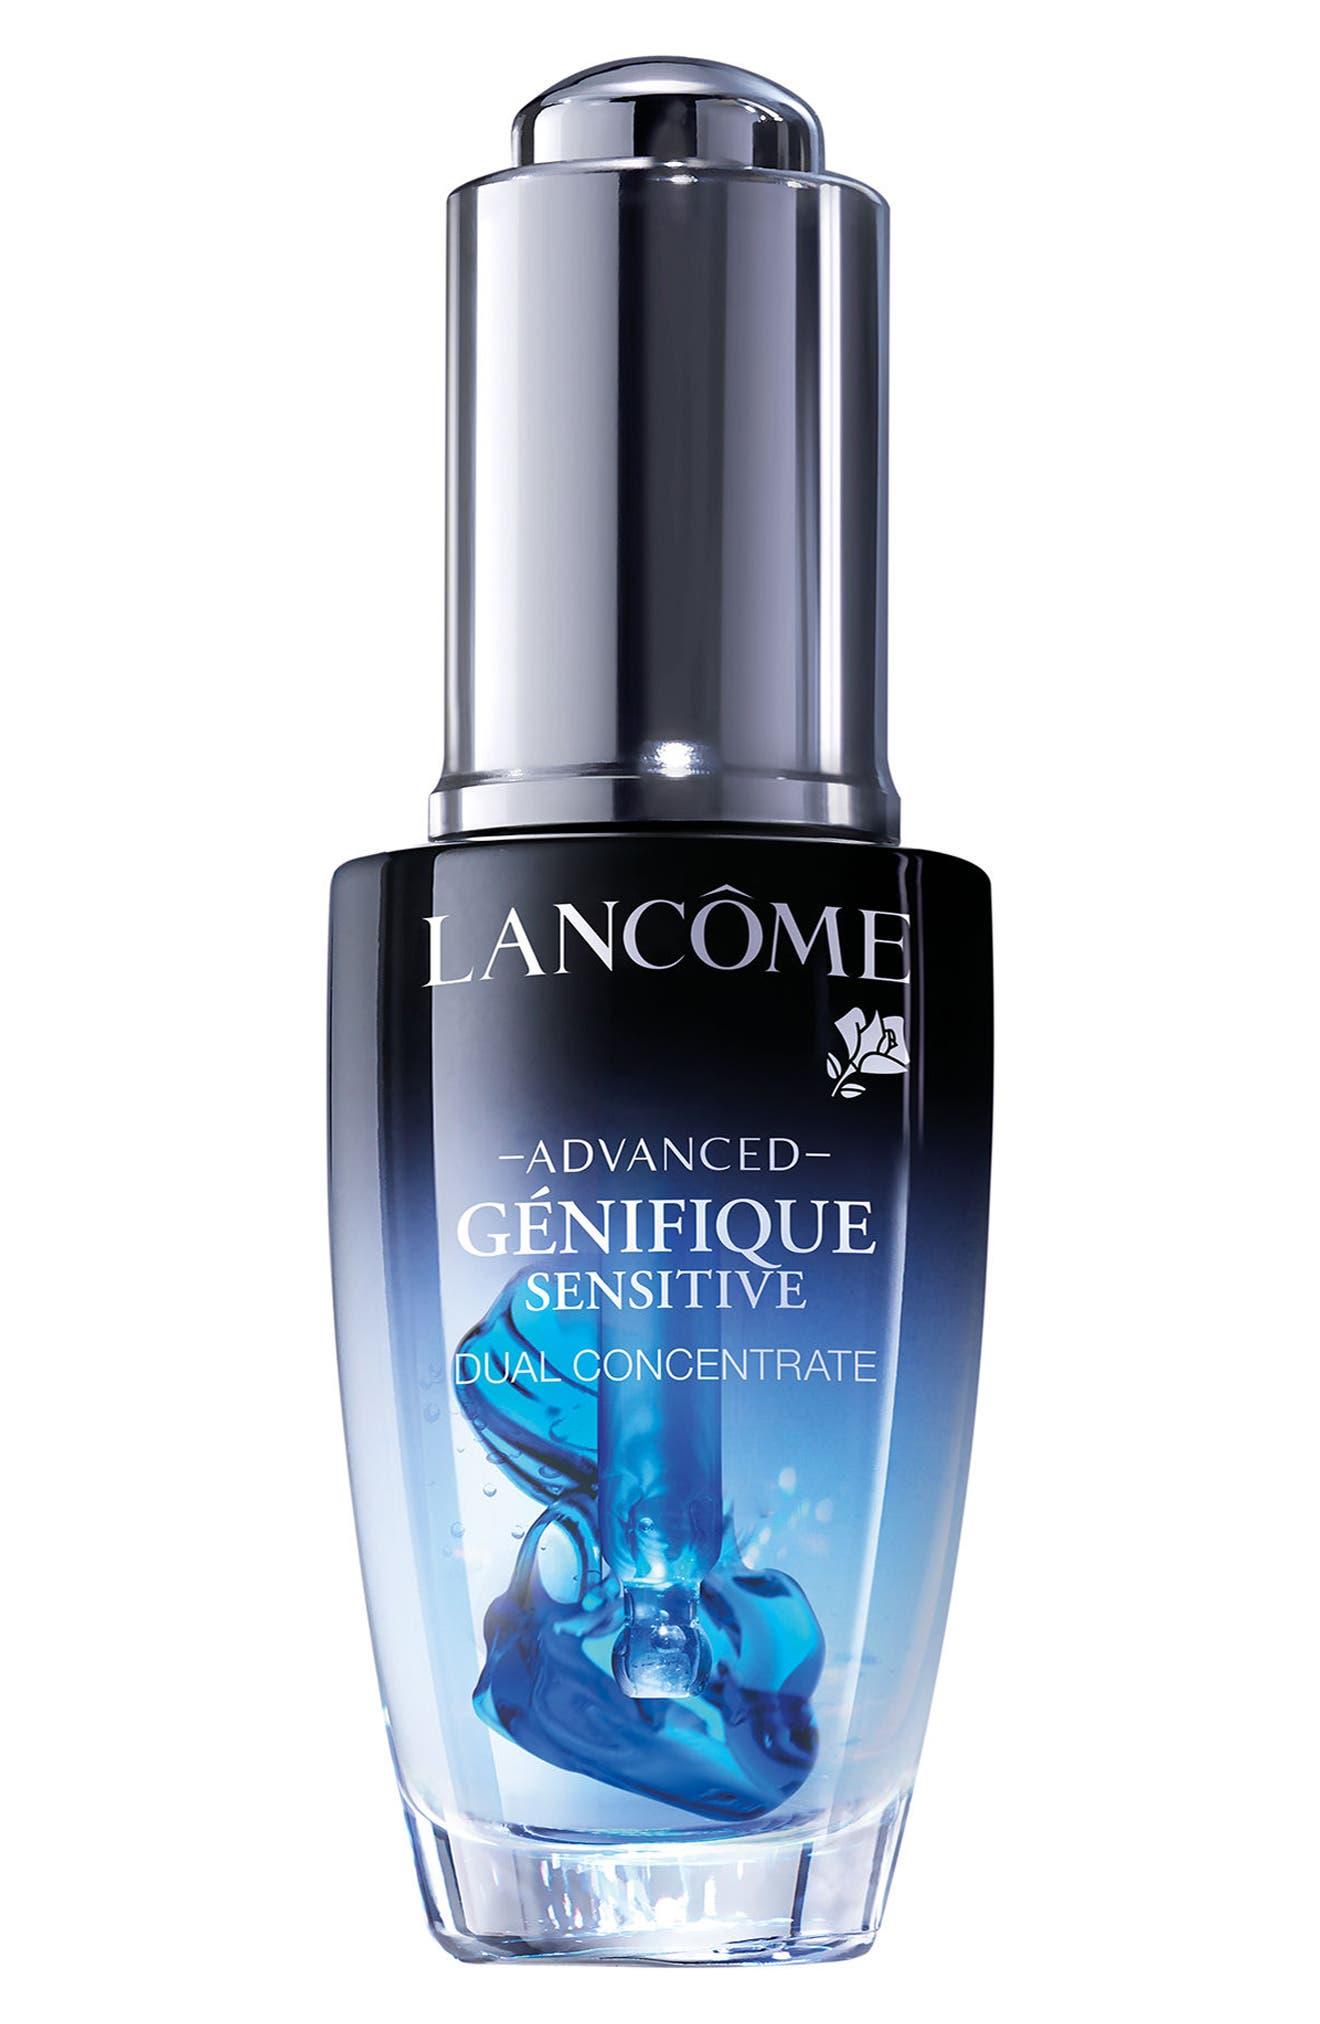 Lancome Advanced Genifique Sensitive Dual Concentrate